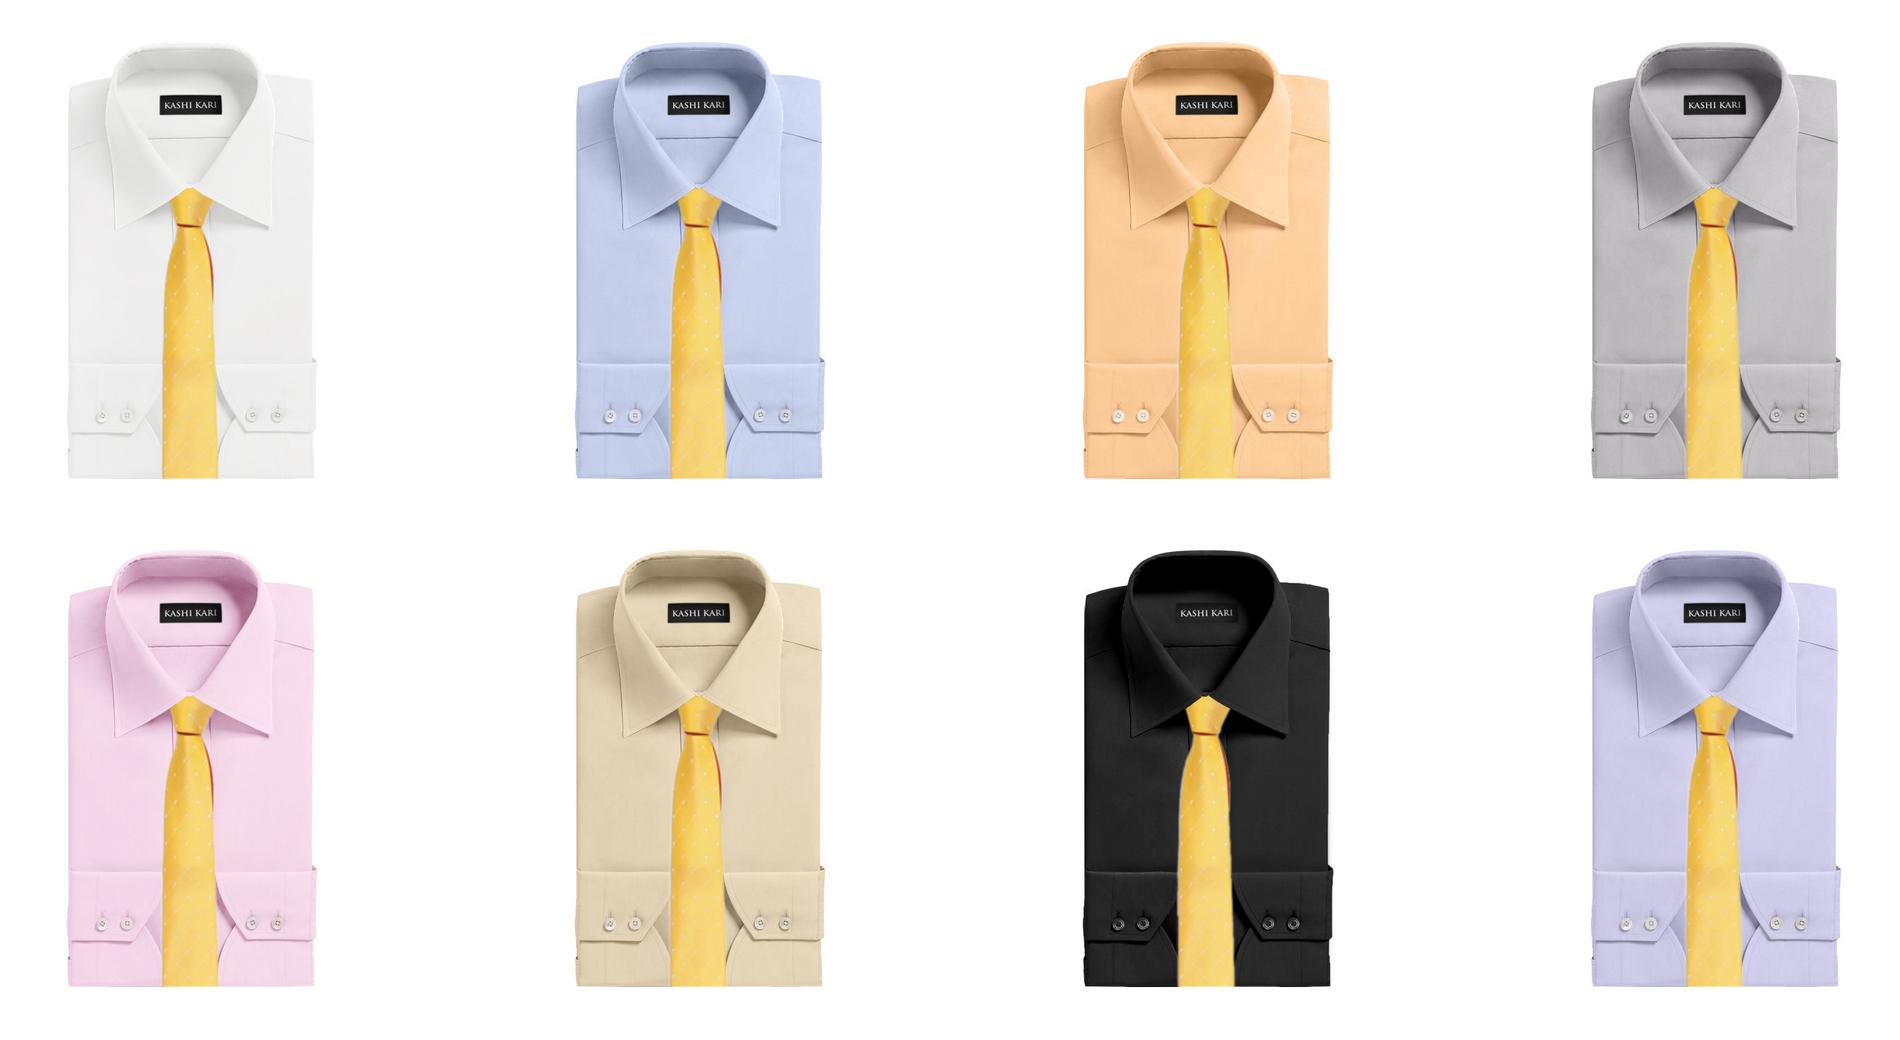 イエロー(黄色)ネクタイと無地シャツの組み合わせ・コーディネート